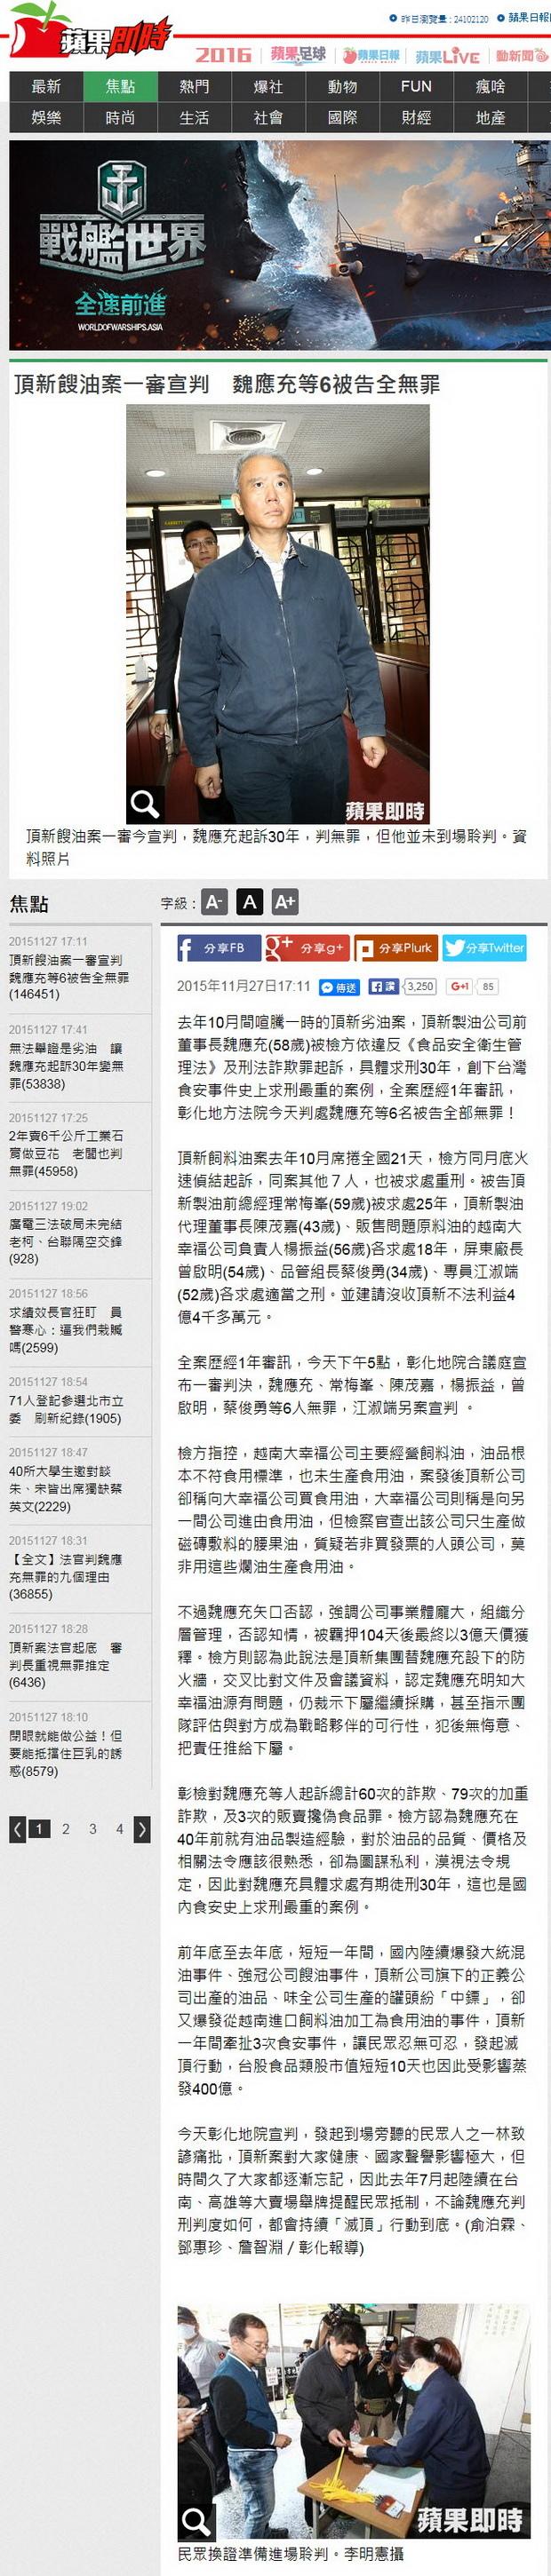 頂新餿油案一審宣判 魏應充等6被告全無罪-2015.11.27.jpg